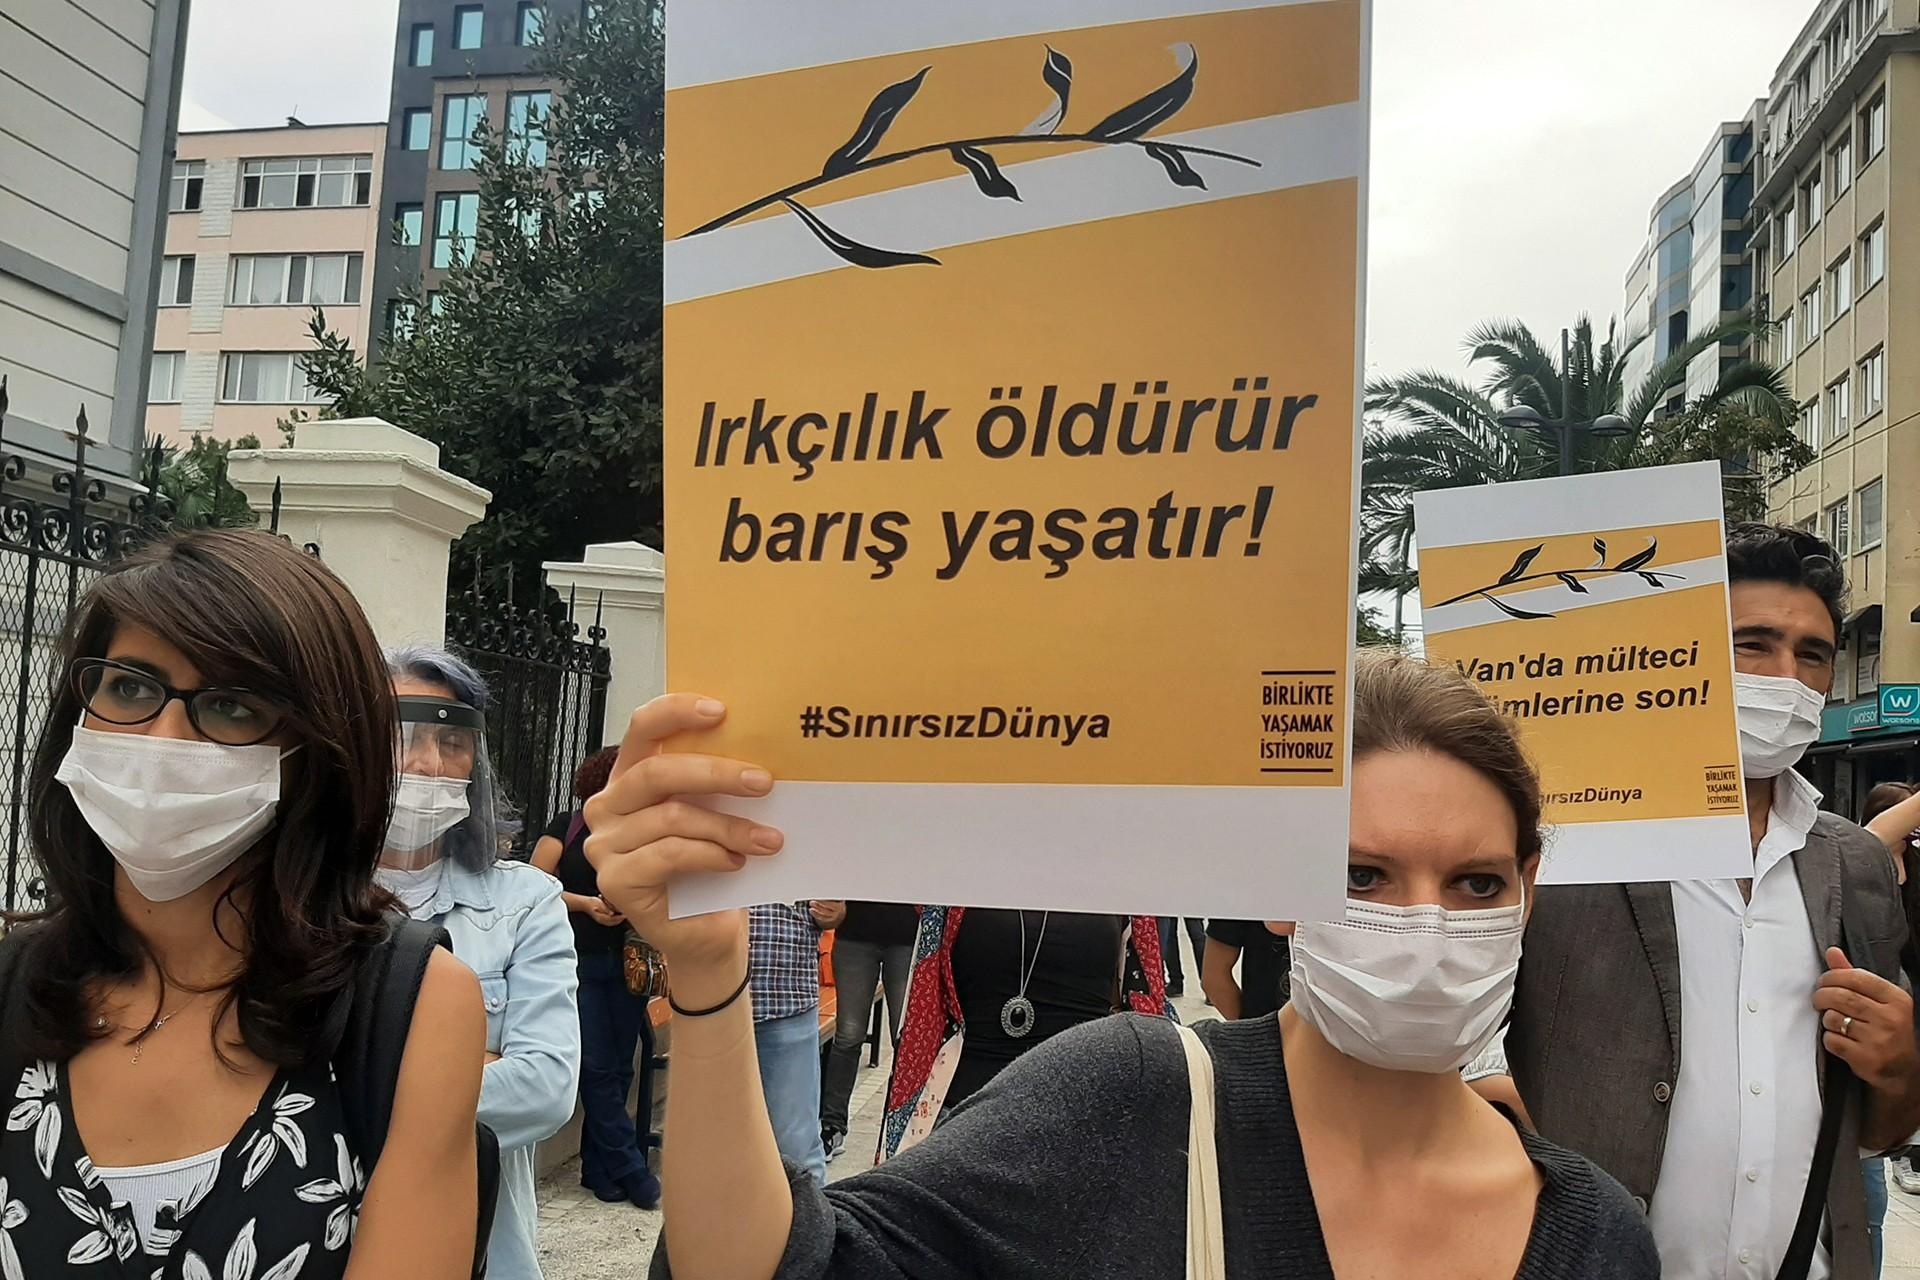 'Göçmenlerin Ulusötesi Mücadele Günü' dolayısıyla Kadıköy Süreyya Operası önünde ırkçılığa ve sömürüye karşı eylem gerçekleştirildi.